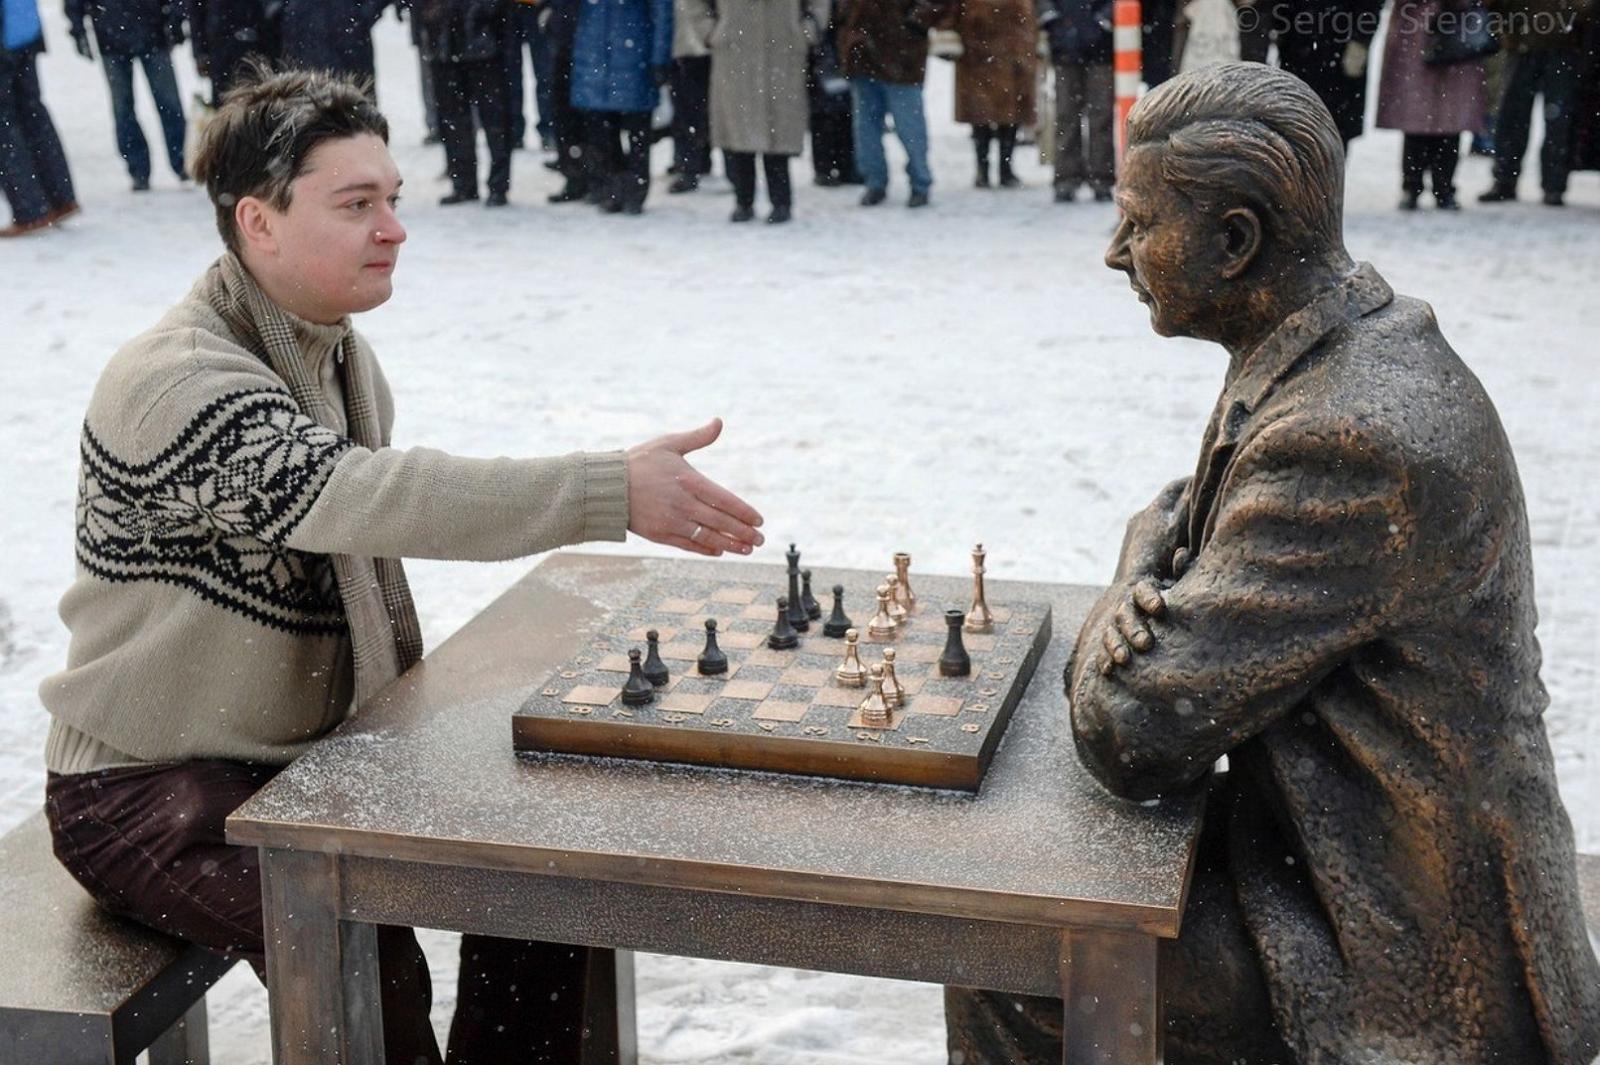 مجسمه پاول کرس نویسنده کتاب شطرنج آخر بازی کرس